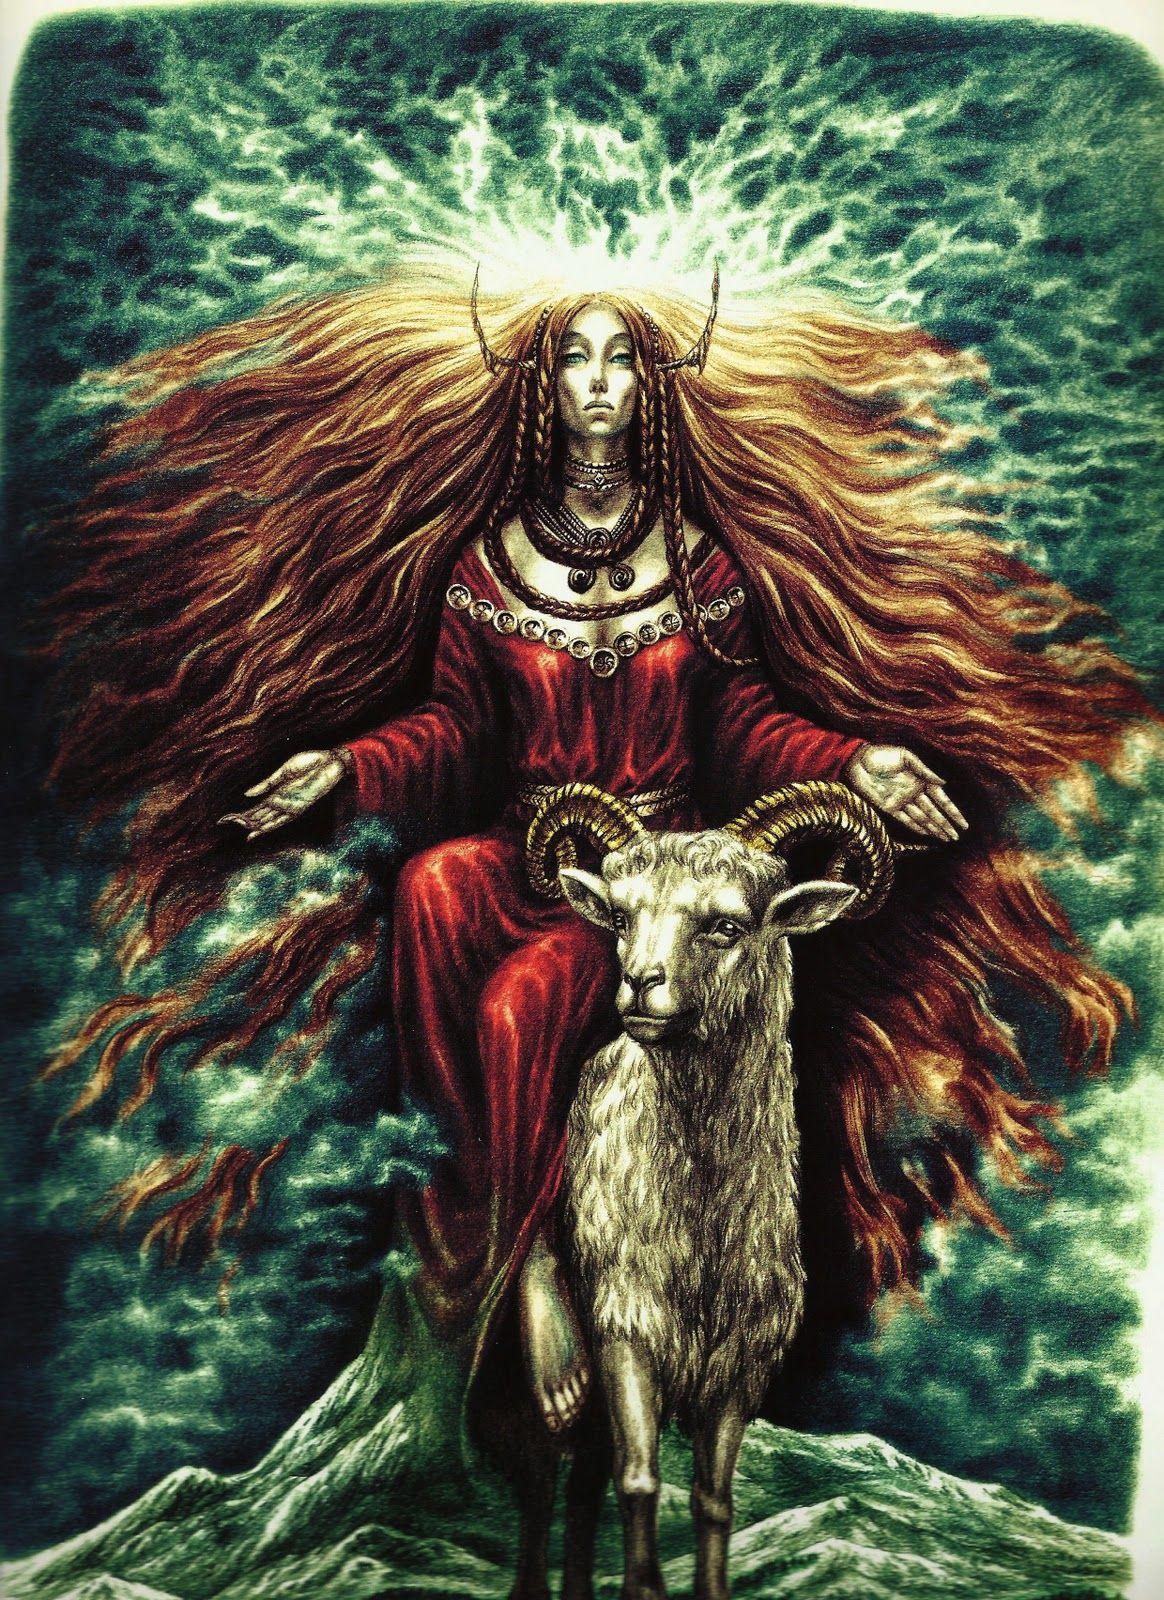 No alto das montanhas, entre as rochas escarpadas são cavernas onde habita Mari, deusa suprema da mitologia basca. Ela é descrita como várias mulheres e às vezes como diferentes animais vermelhos, sendo um deles um bode. Ela às vezes é mostrado como andar através do céu em uma carruagem puxada por cavalos ou carneiros. Estátuas de sua geralmente apresentam uma lua cheia atrás de sua cabeça.